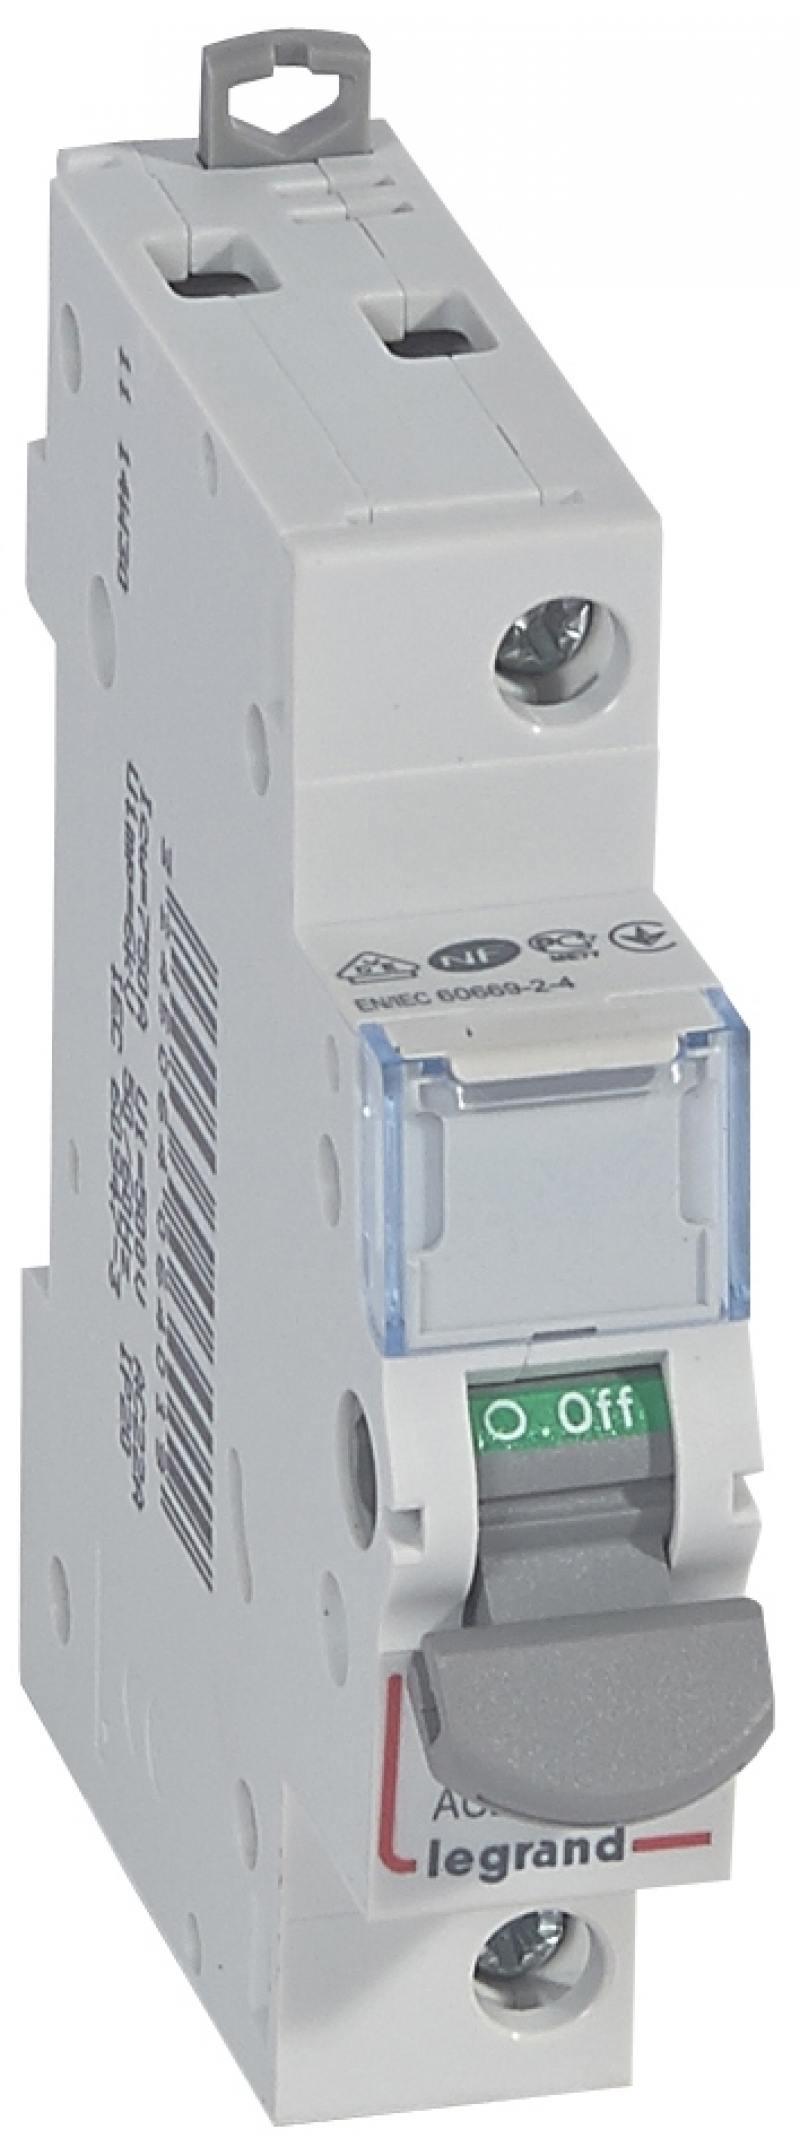 Выключатель-разъединитель Legrand DX3 1П 20A 406401